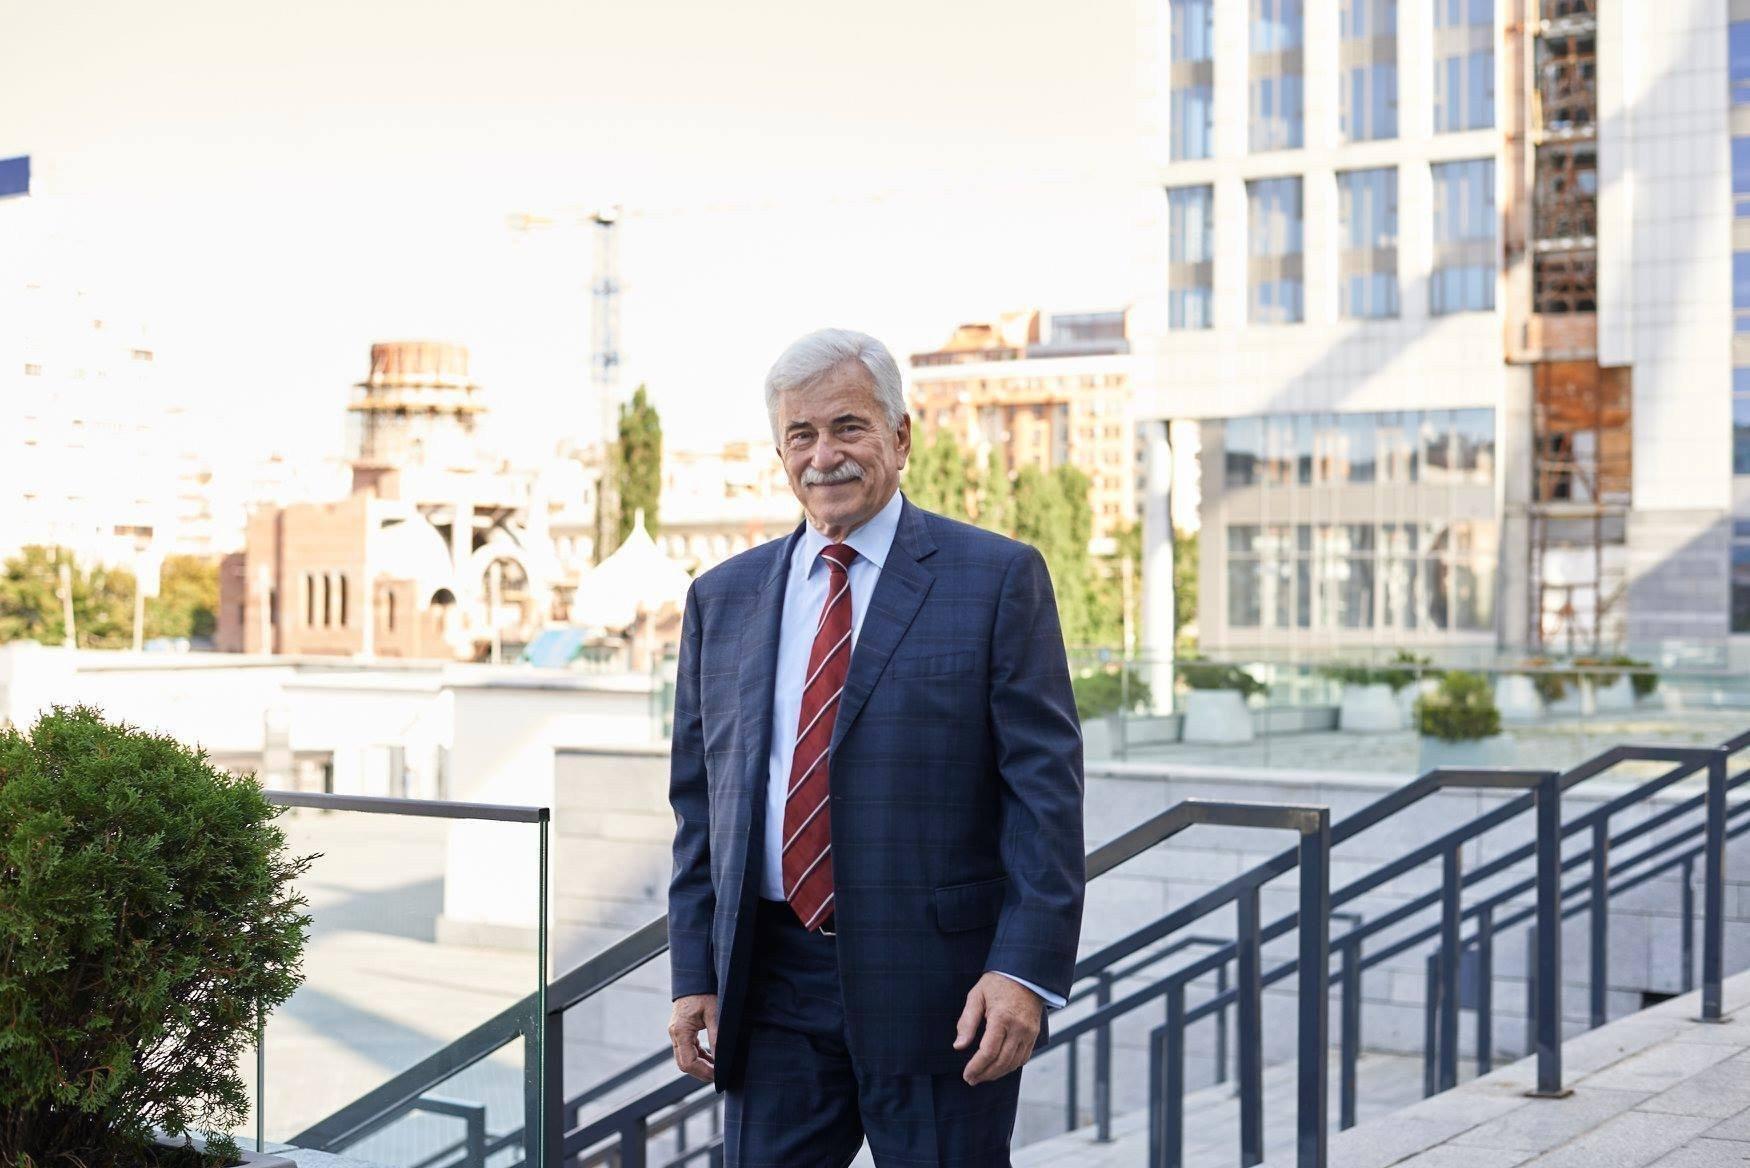 председатель совета директоров Конфедерации строителей Украины Александр Ротов